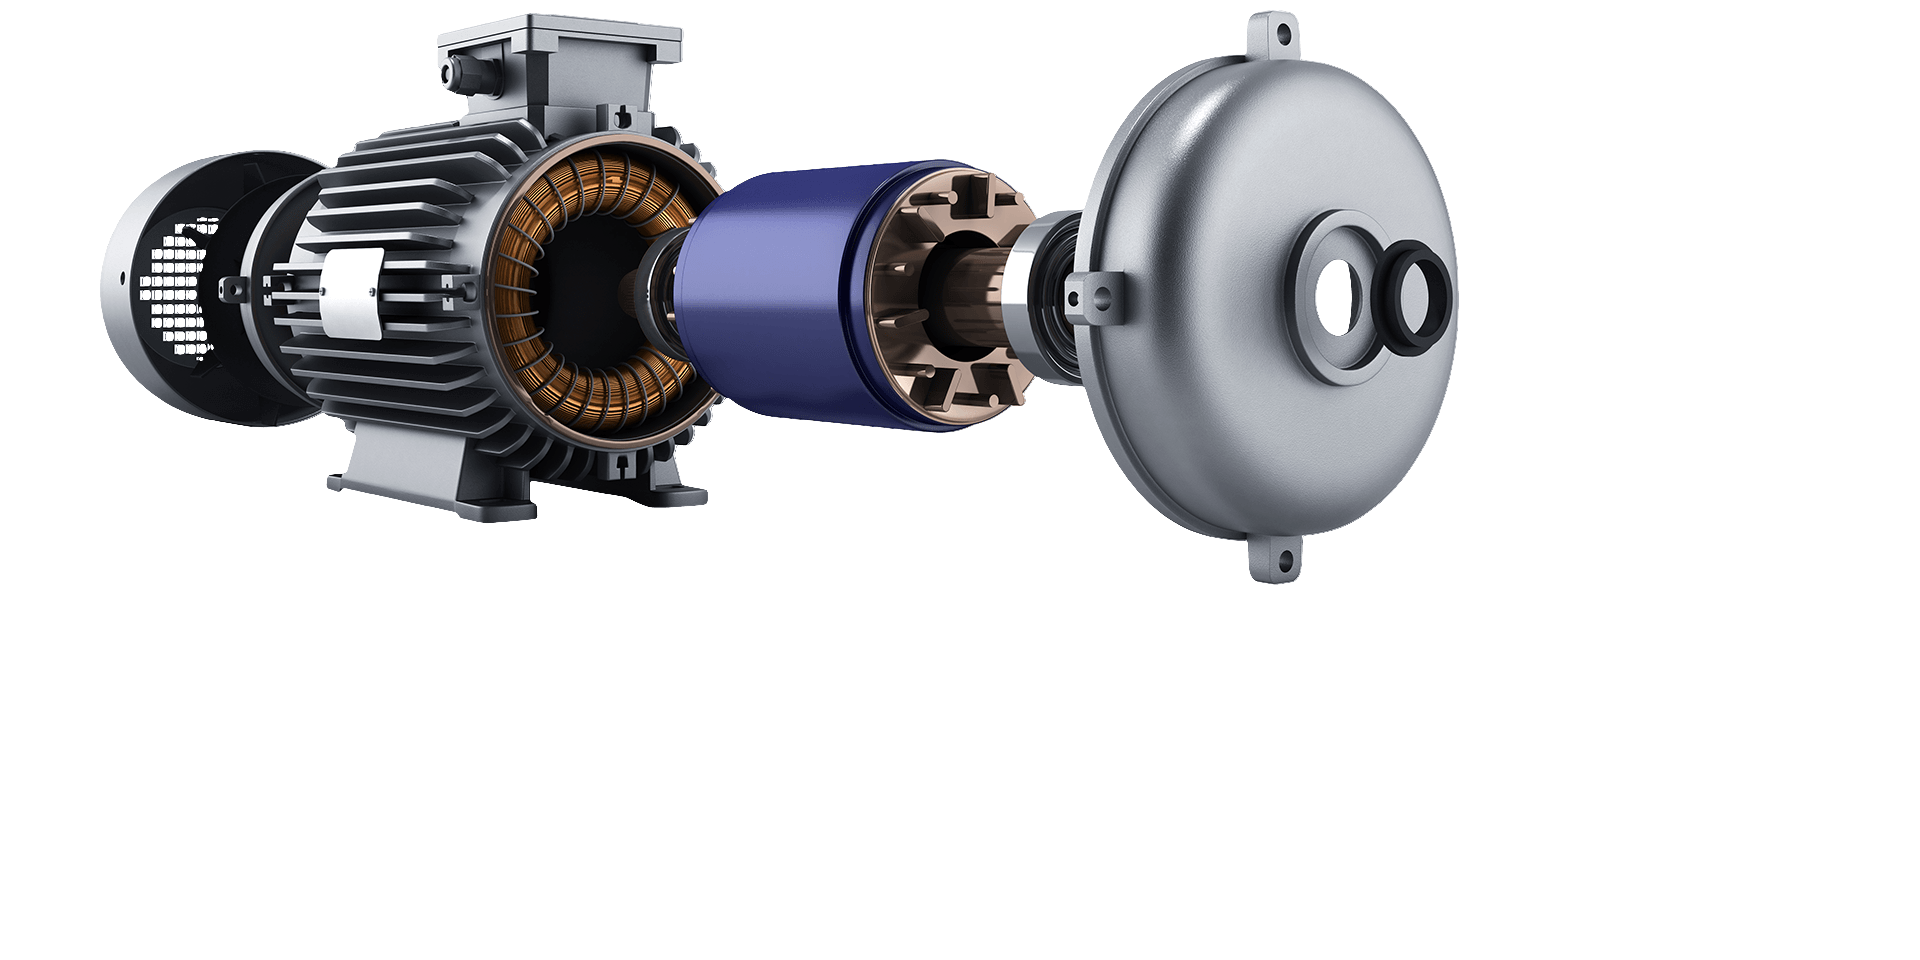 Reparatii motoare electrice bobinaj motoare electrice - slide 02 - Bobinaj motoare electrice